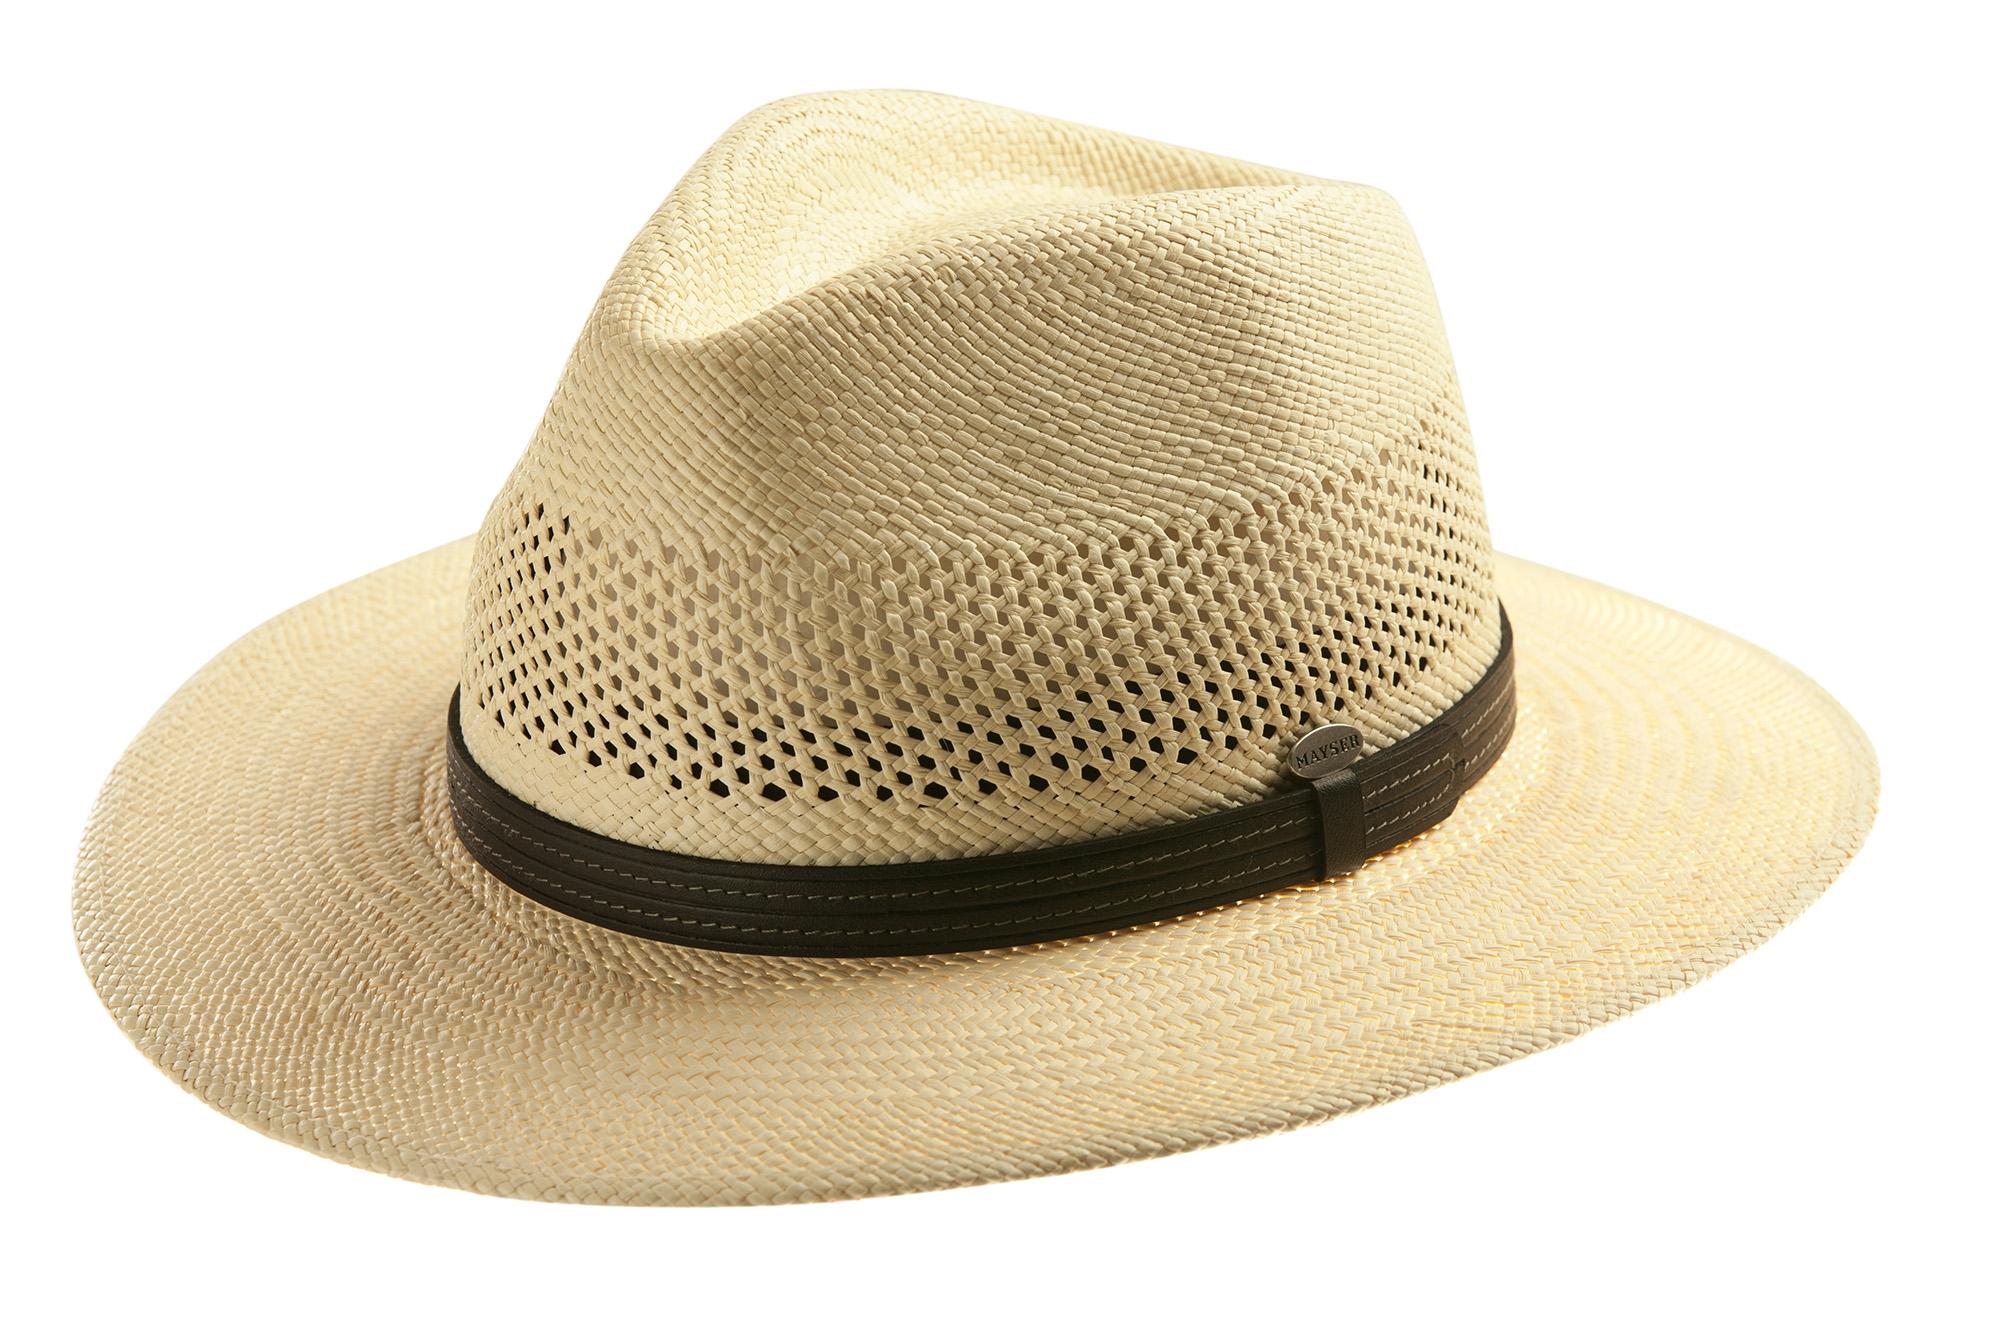 sombrero_panama_pieter